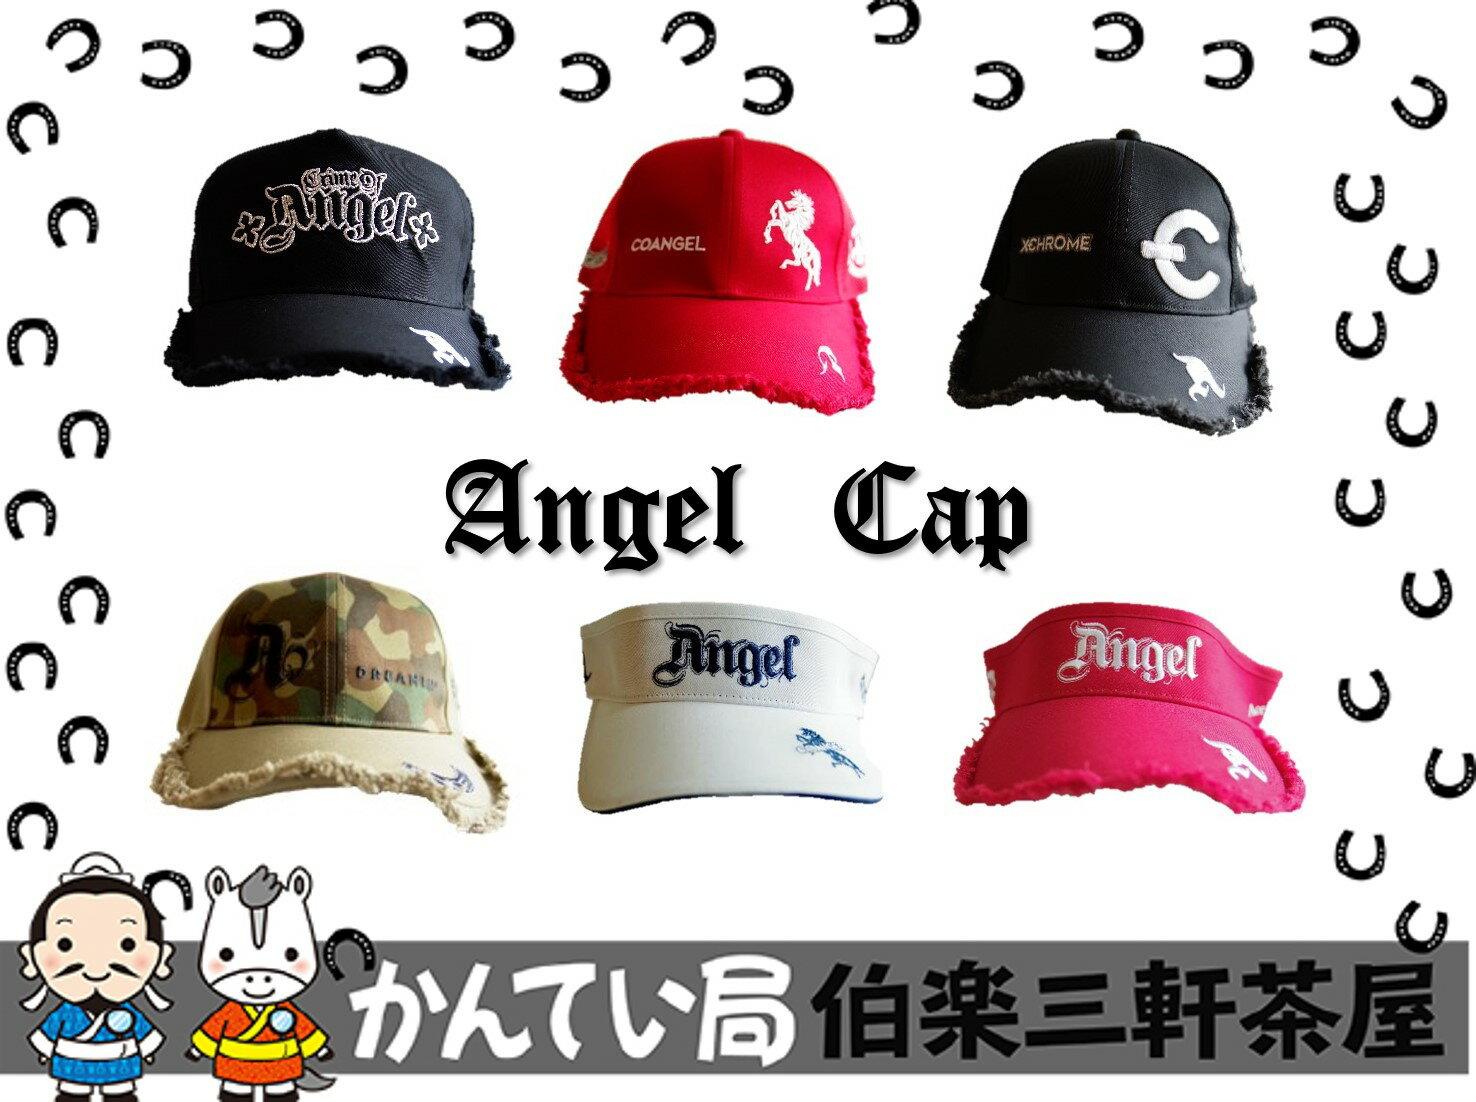 【新品】CRIME OF ANGEL キャップ(限定40個)